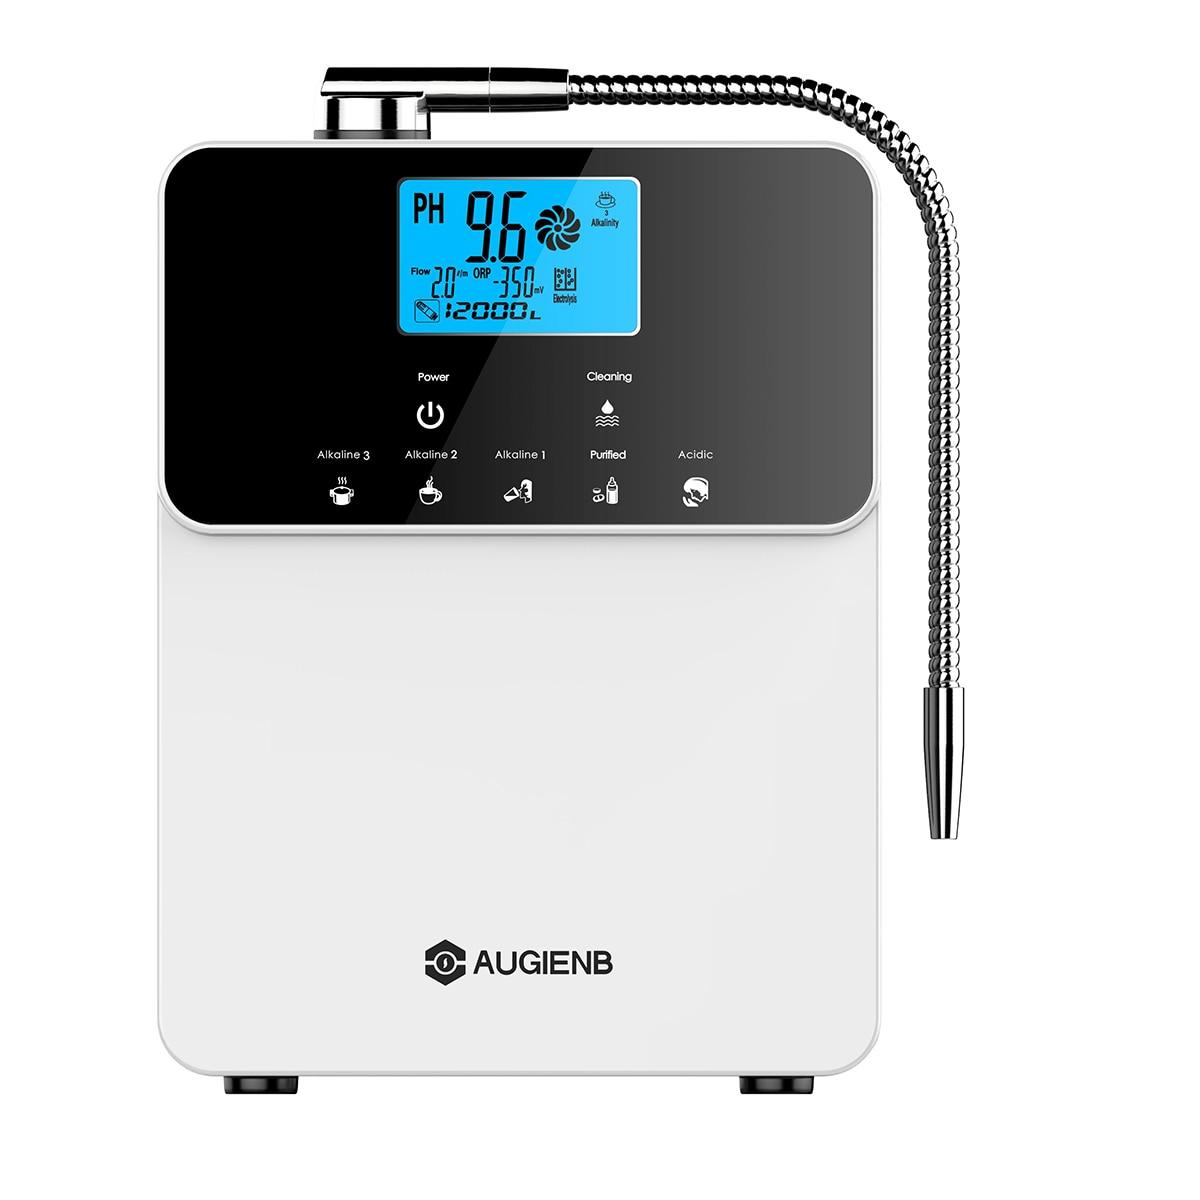 Augienb 12000 литров воды ионизатор очиститель машина PH3.5 11 Щелочная кислота 5 воды Настройки автоматической очистки ЖК дисплей Touch фильтр для вод